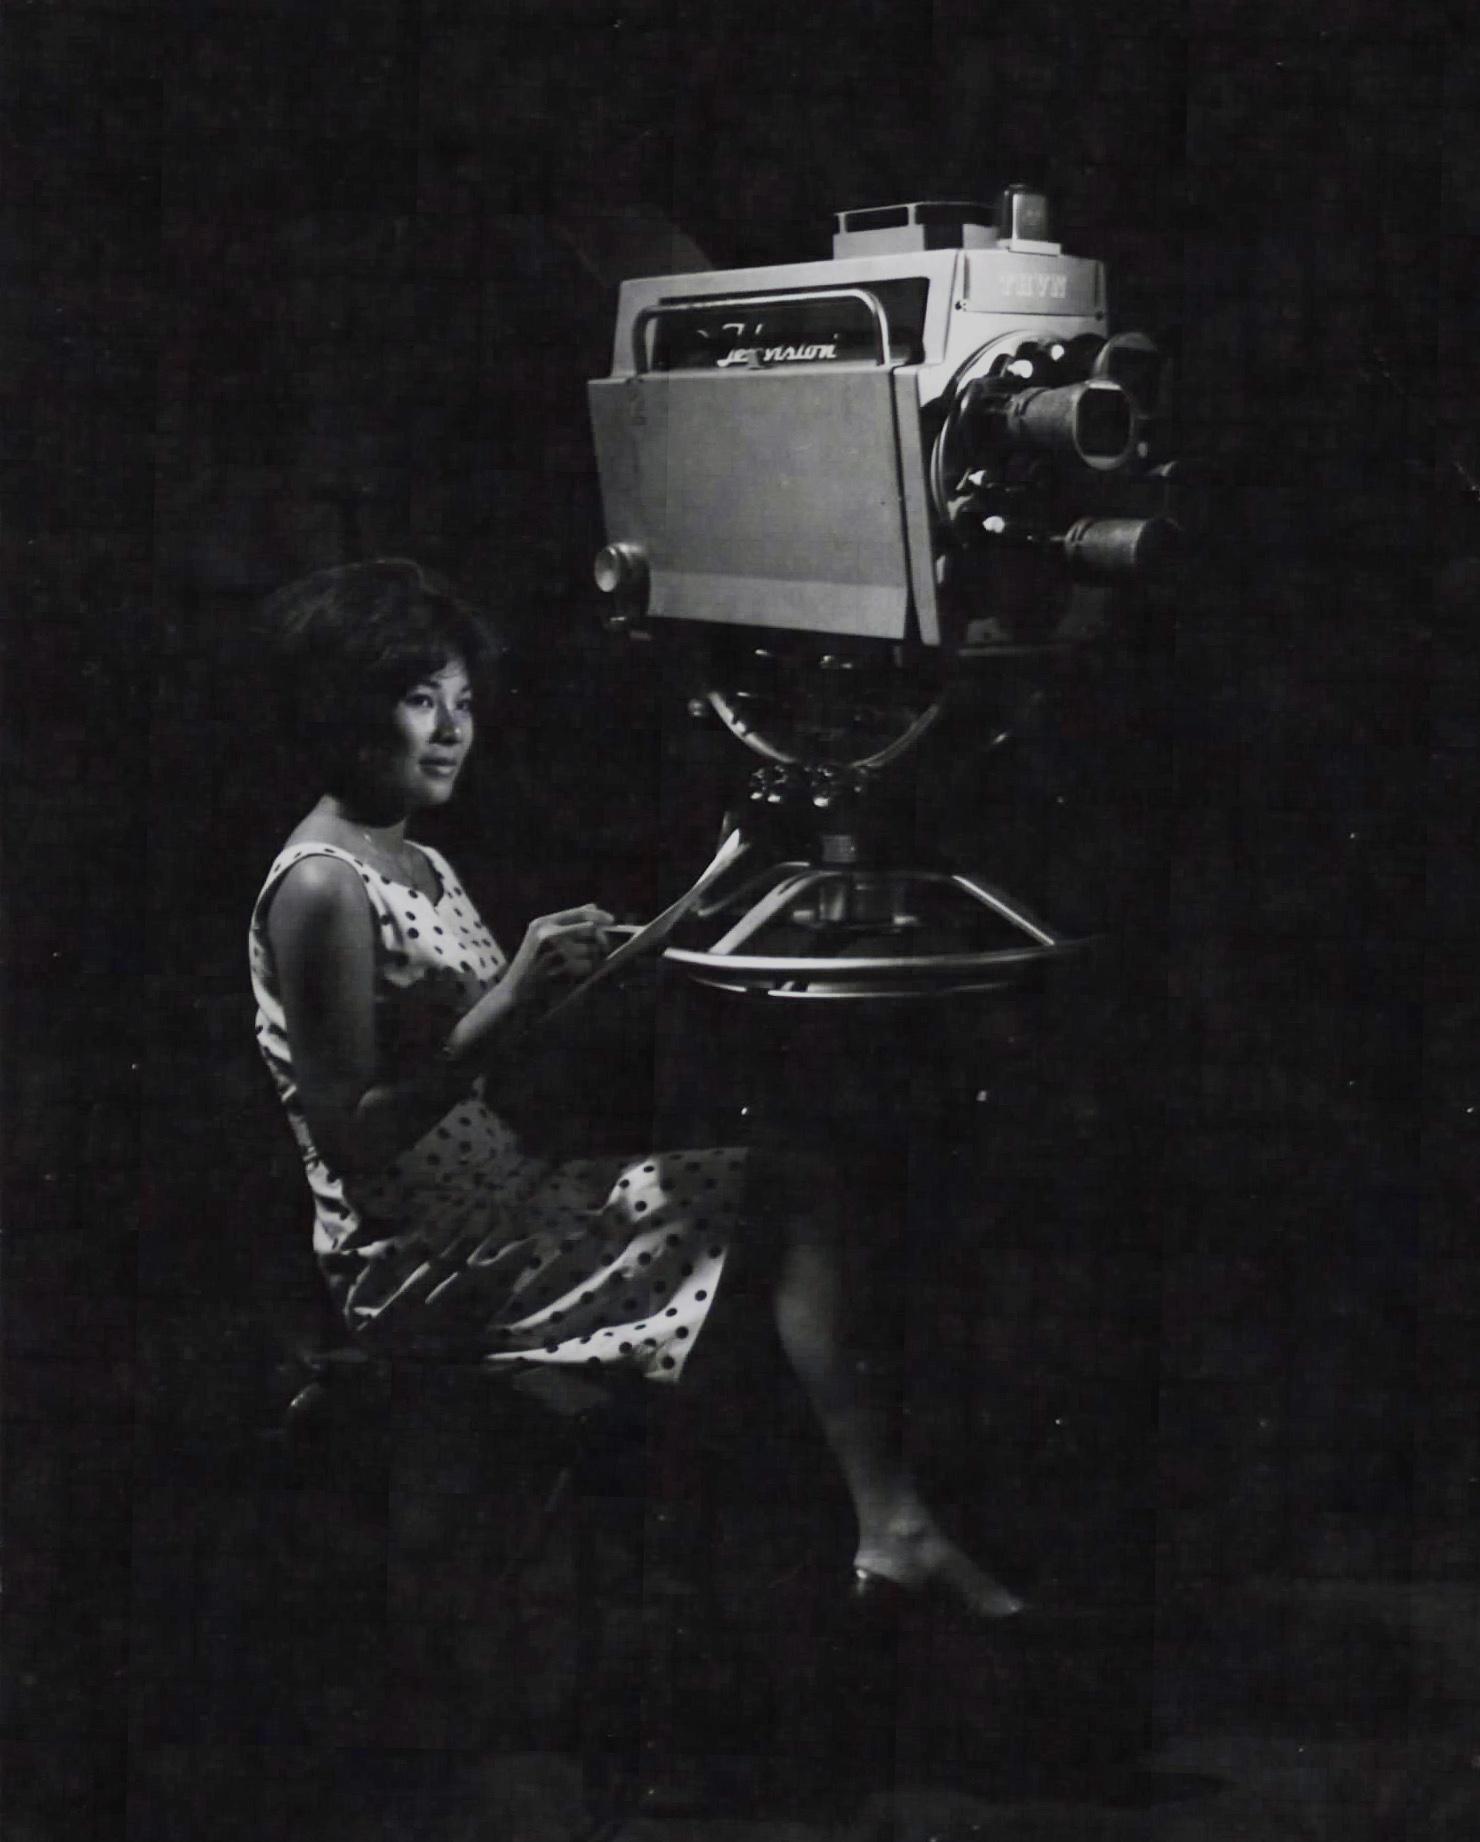 Đài truyền hình Sài Gòn trước 1975 - Hoàng Thị Lệ Hợp,